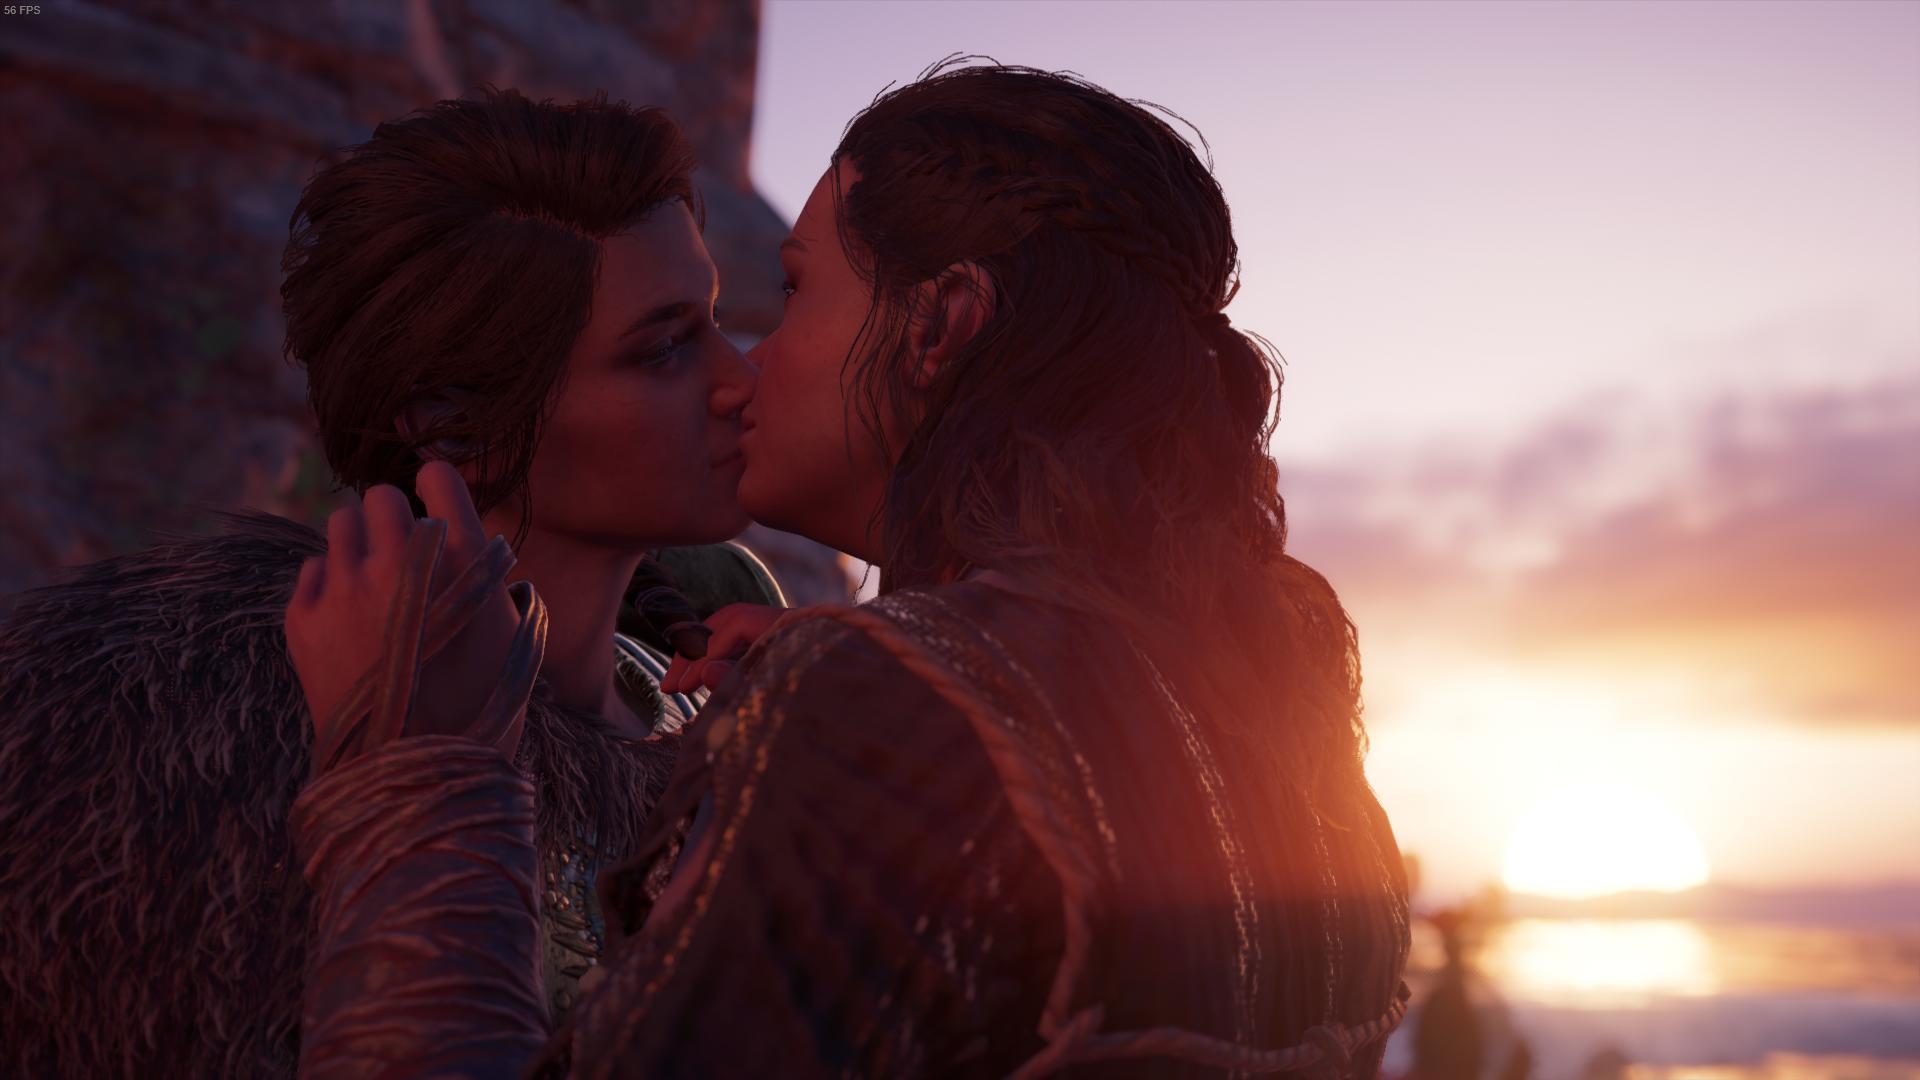 Assassin's Creed Odyssey - Guia do Romance - Como seduzir usando Kassandra ou Alexios